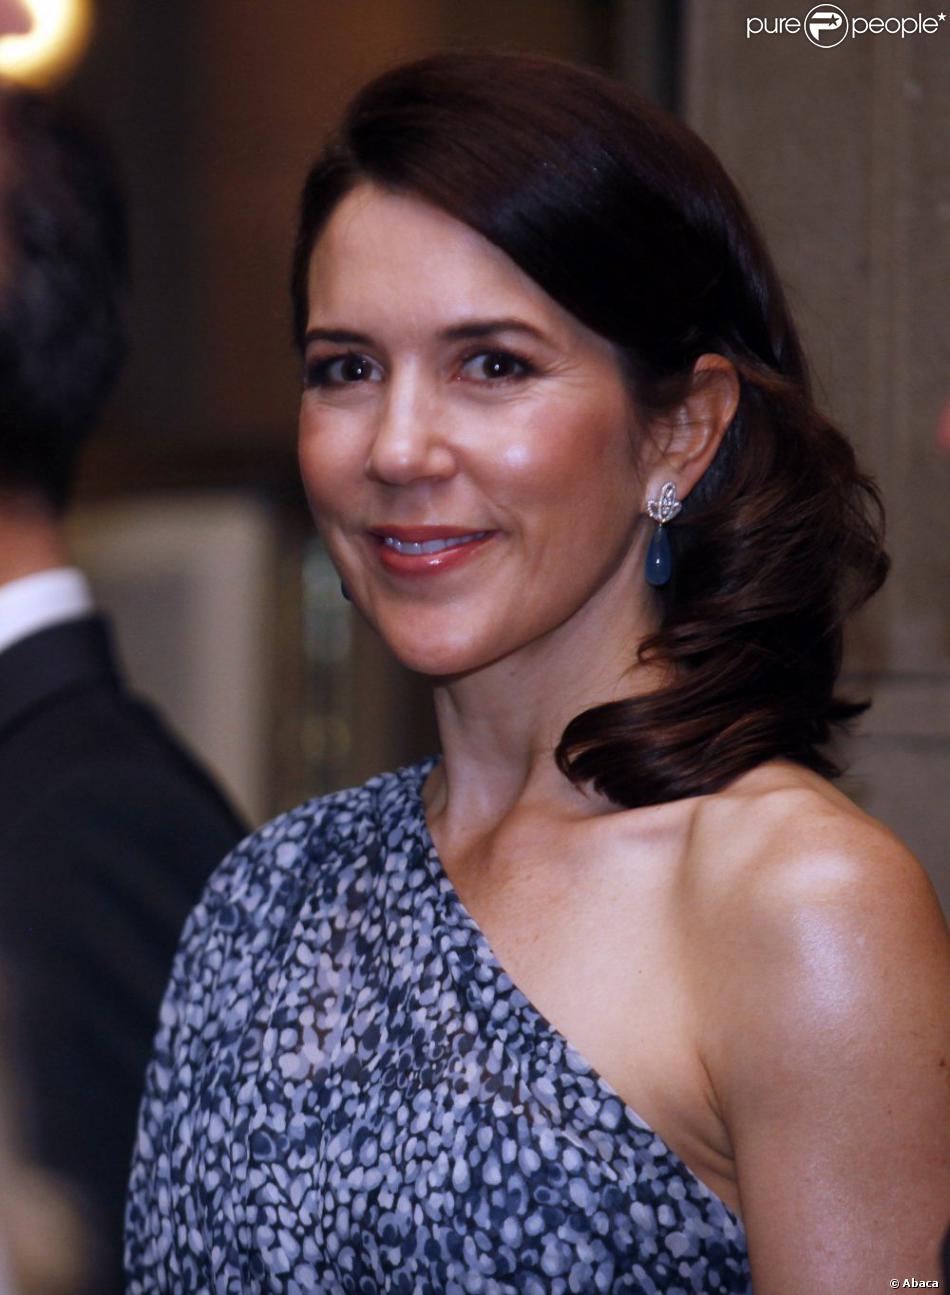 Le prince Frederik et la princesse Mary de Danemark ont participé à un dîner officiel organisé en leur honneur au Club de la Union à Santiago au Chili. Le 13 mars 2012.